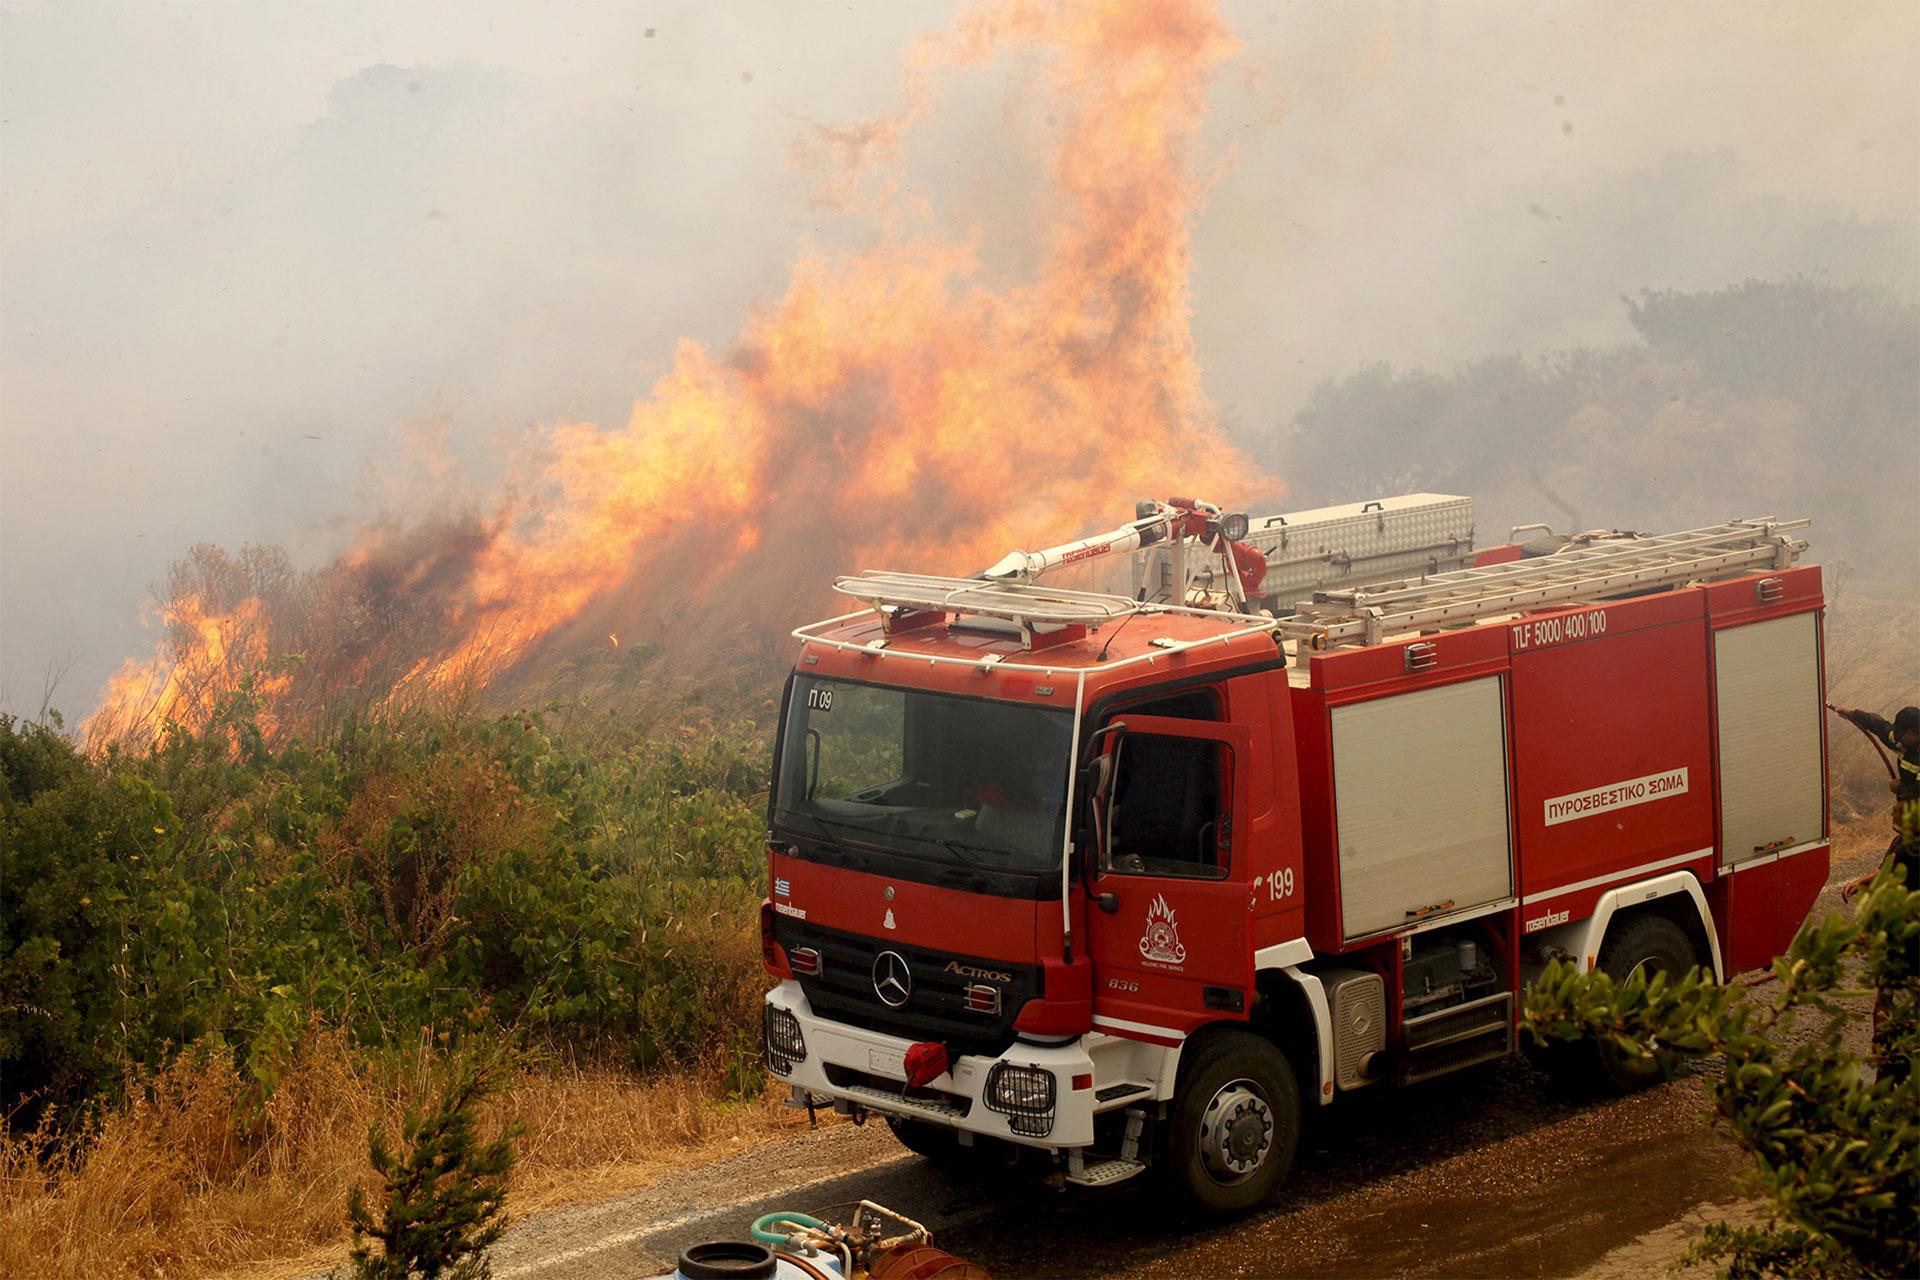 Varios incendios se desataron este viernes en Grecia, favorecidos por los fuertes vientos, el calor y la sequía